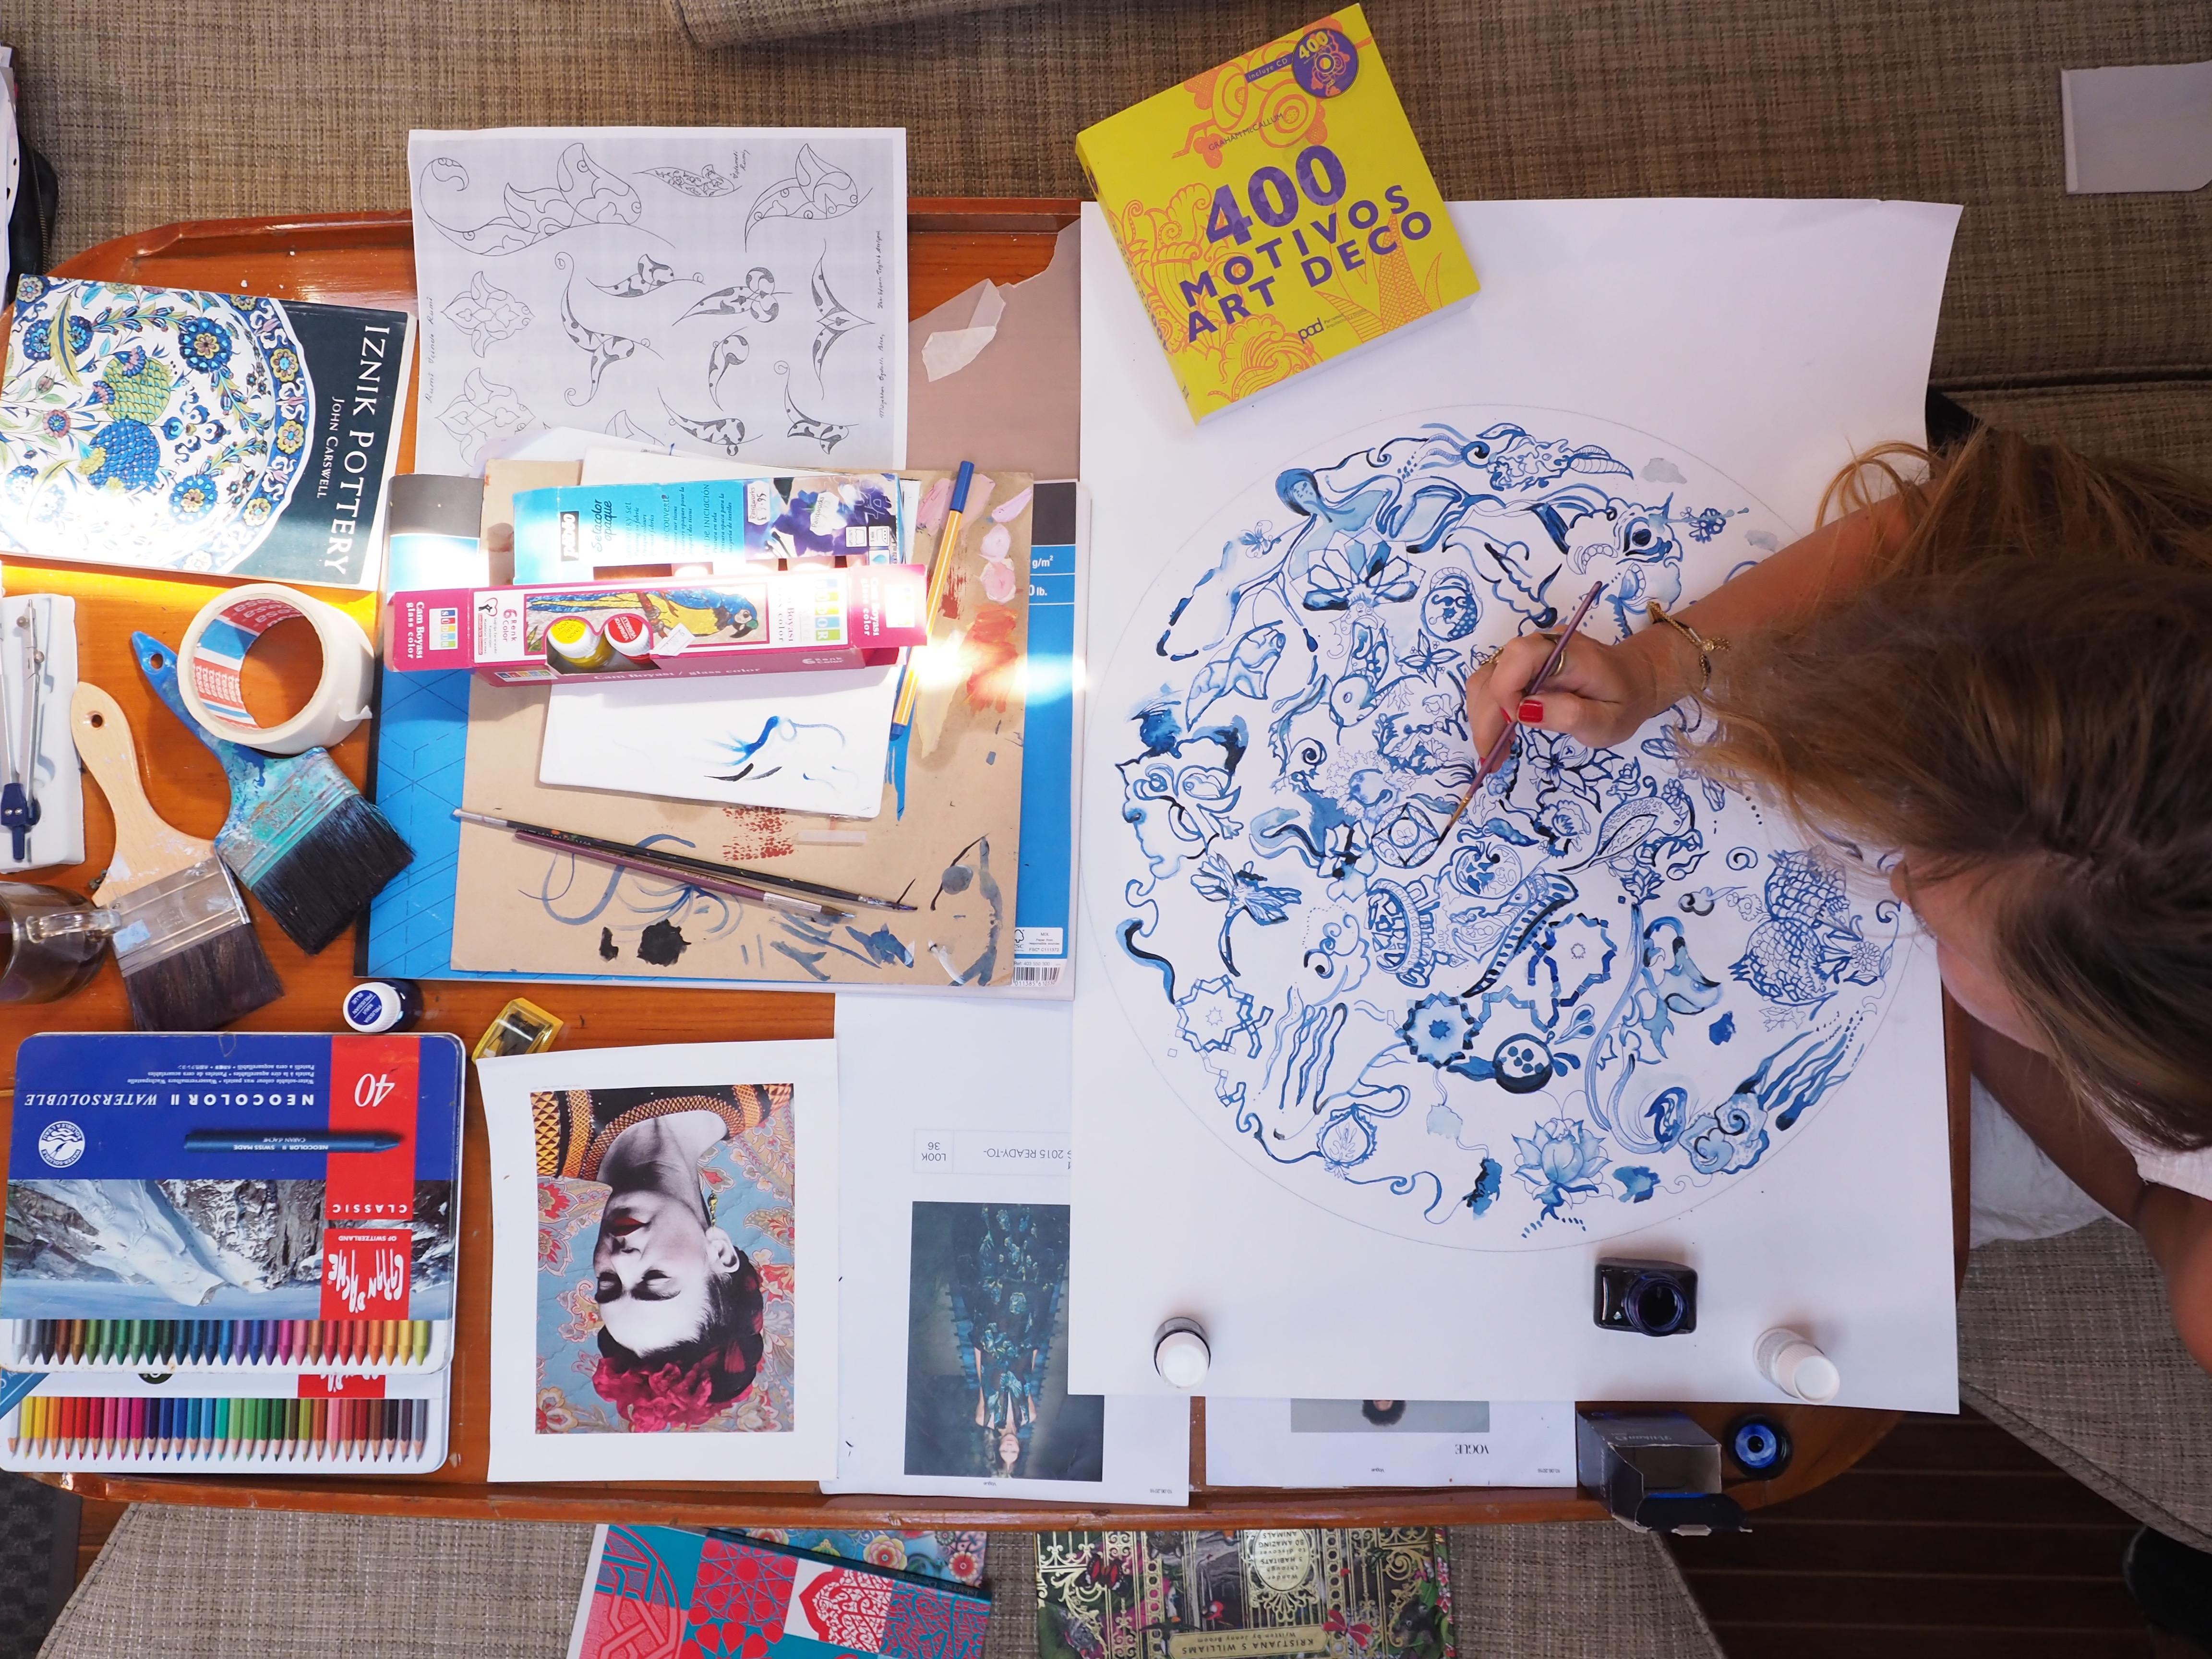 """Teknede çizim yaparken: """"Annem rehber; 7 yaşımdan beri Meksika, Karayip adaları, Malezya, Güney Afrika, Endonezya gibi dünyanın çok farklı yerlerini gezdim. Bilinçaltımda işliyor herhalde"""" Fotoğraf: SİNAN HAMAMSARILAR"""